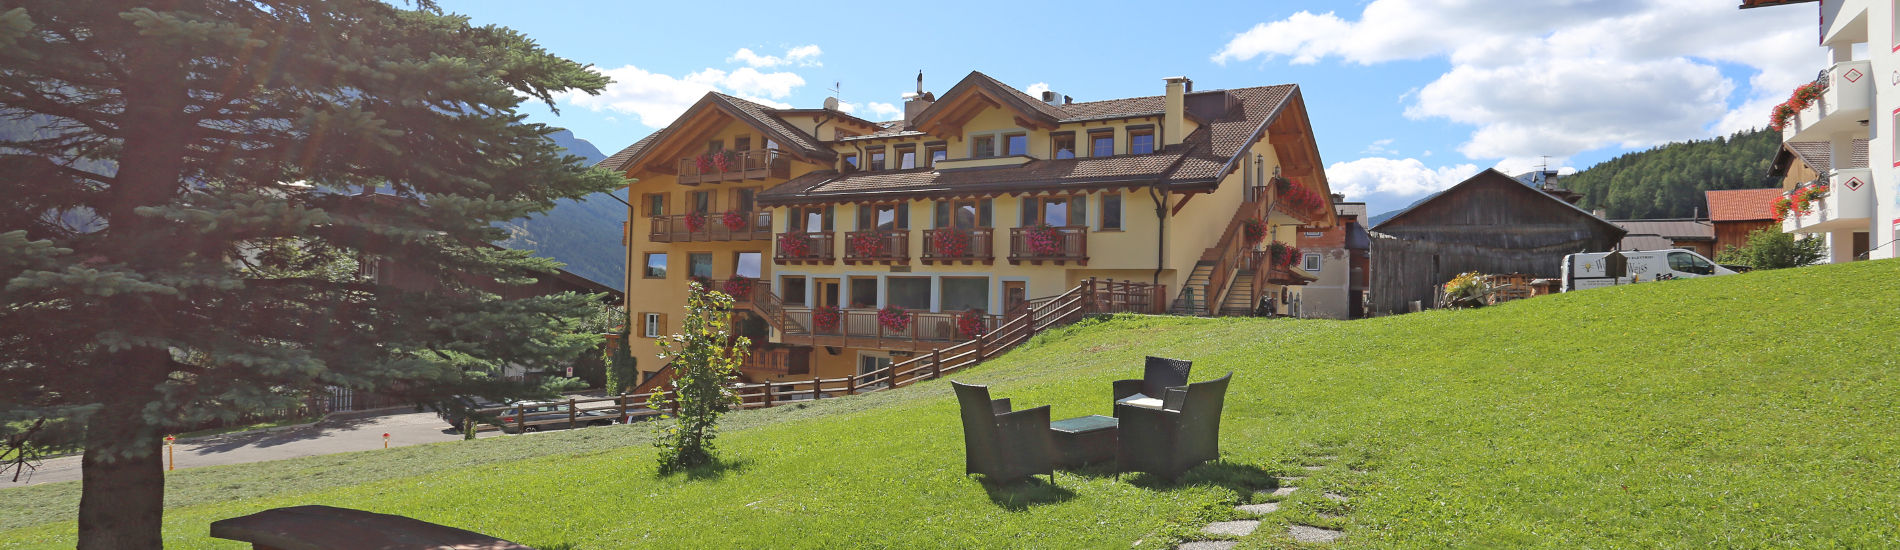 Hotel Ecosostenibile in Trentino Alto Adige